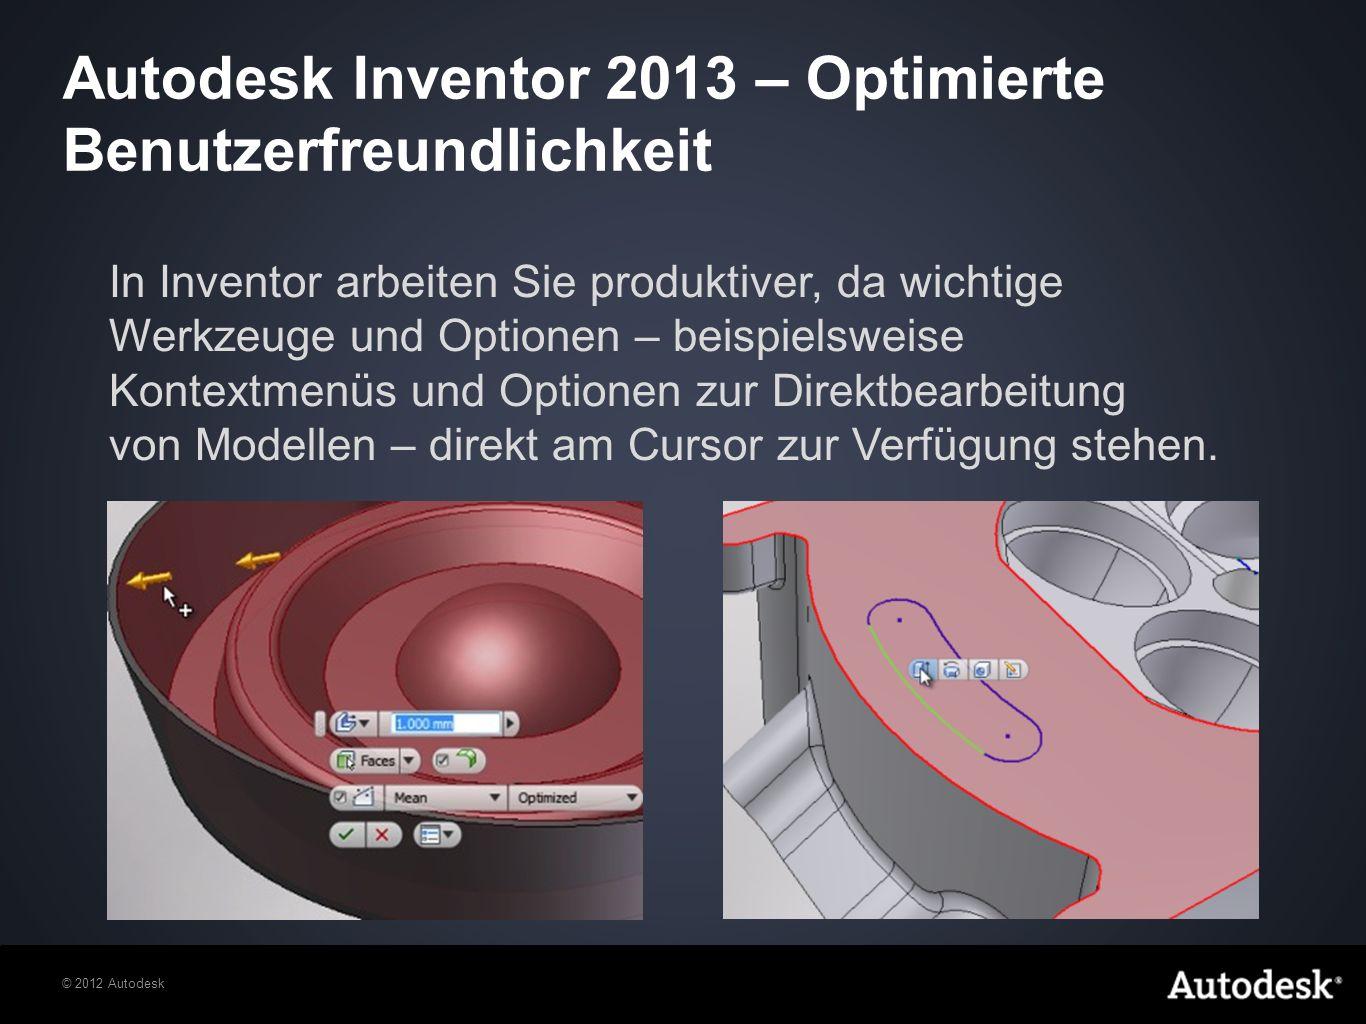 © 2012 Autodesk In Inventor arbeiten Sie produktiver, da wichtige Werkzeuge und Optionen – beispielsweise Kontextmenüs und Optionen zur Direktbearbeitung von Modellen – direkt am Cursor zur Verfügung stehen.